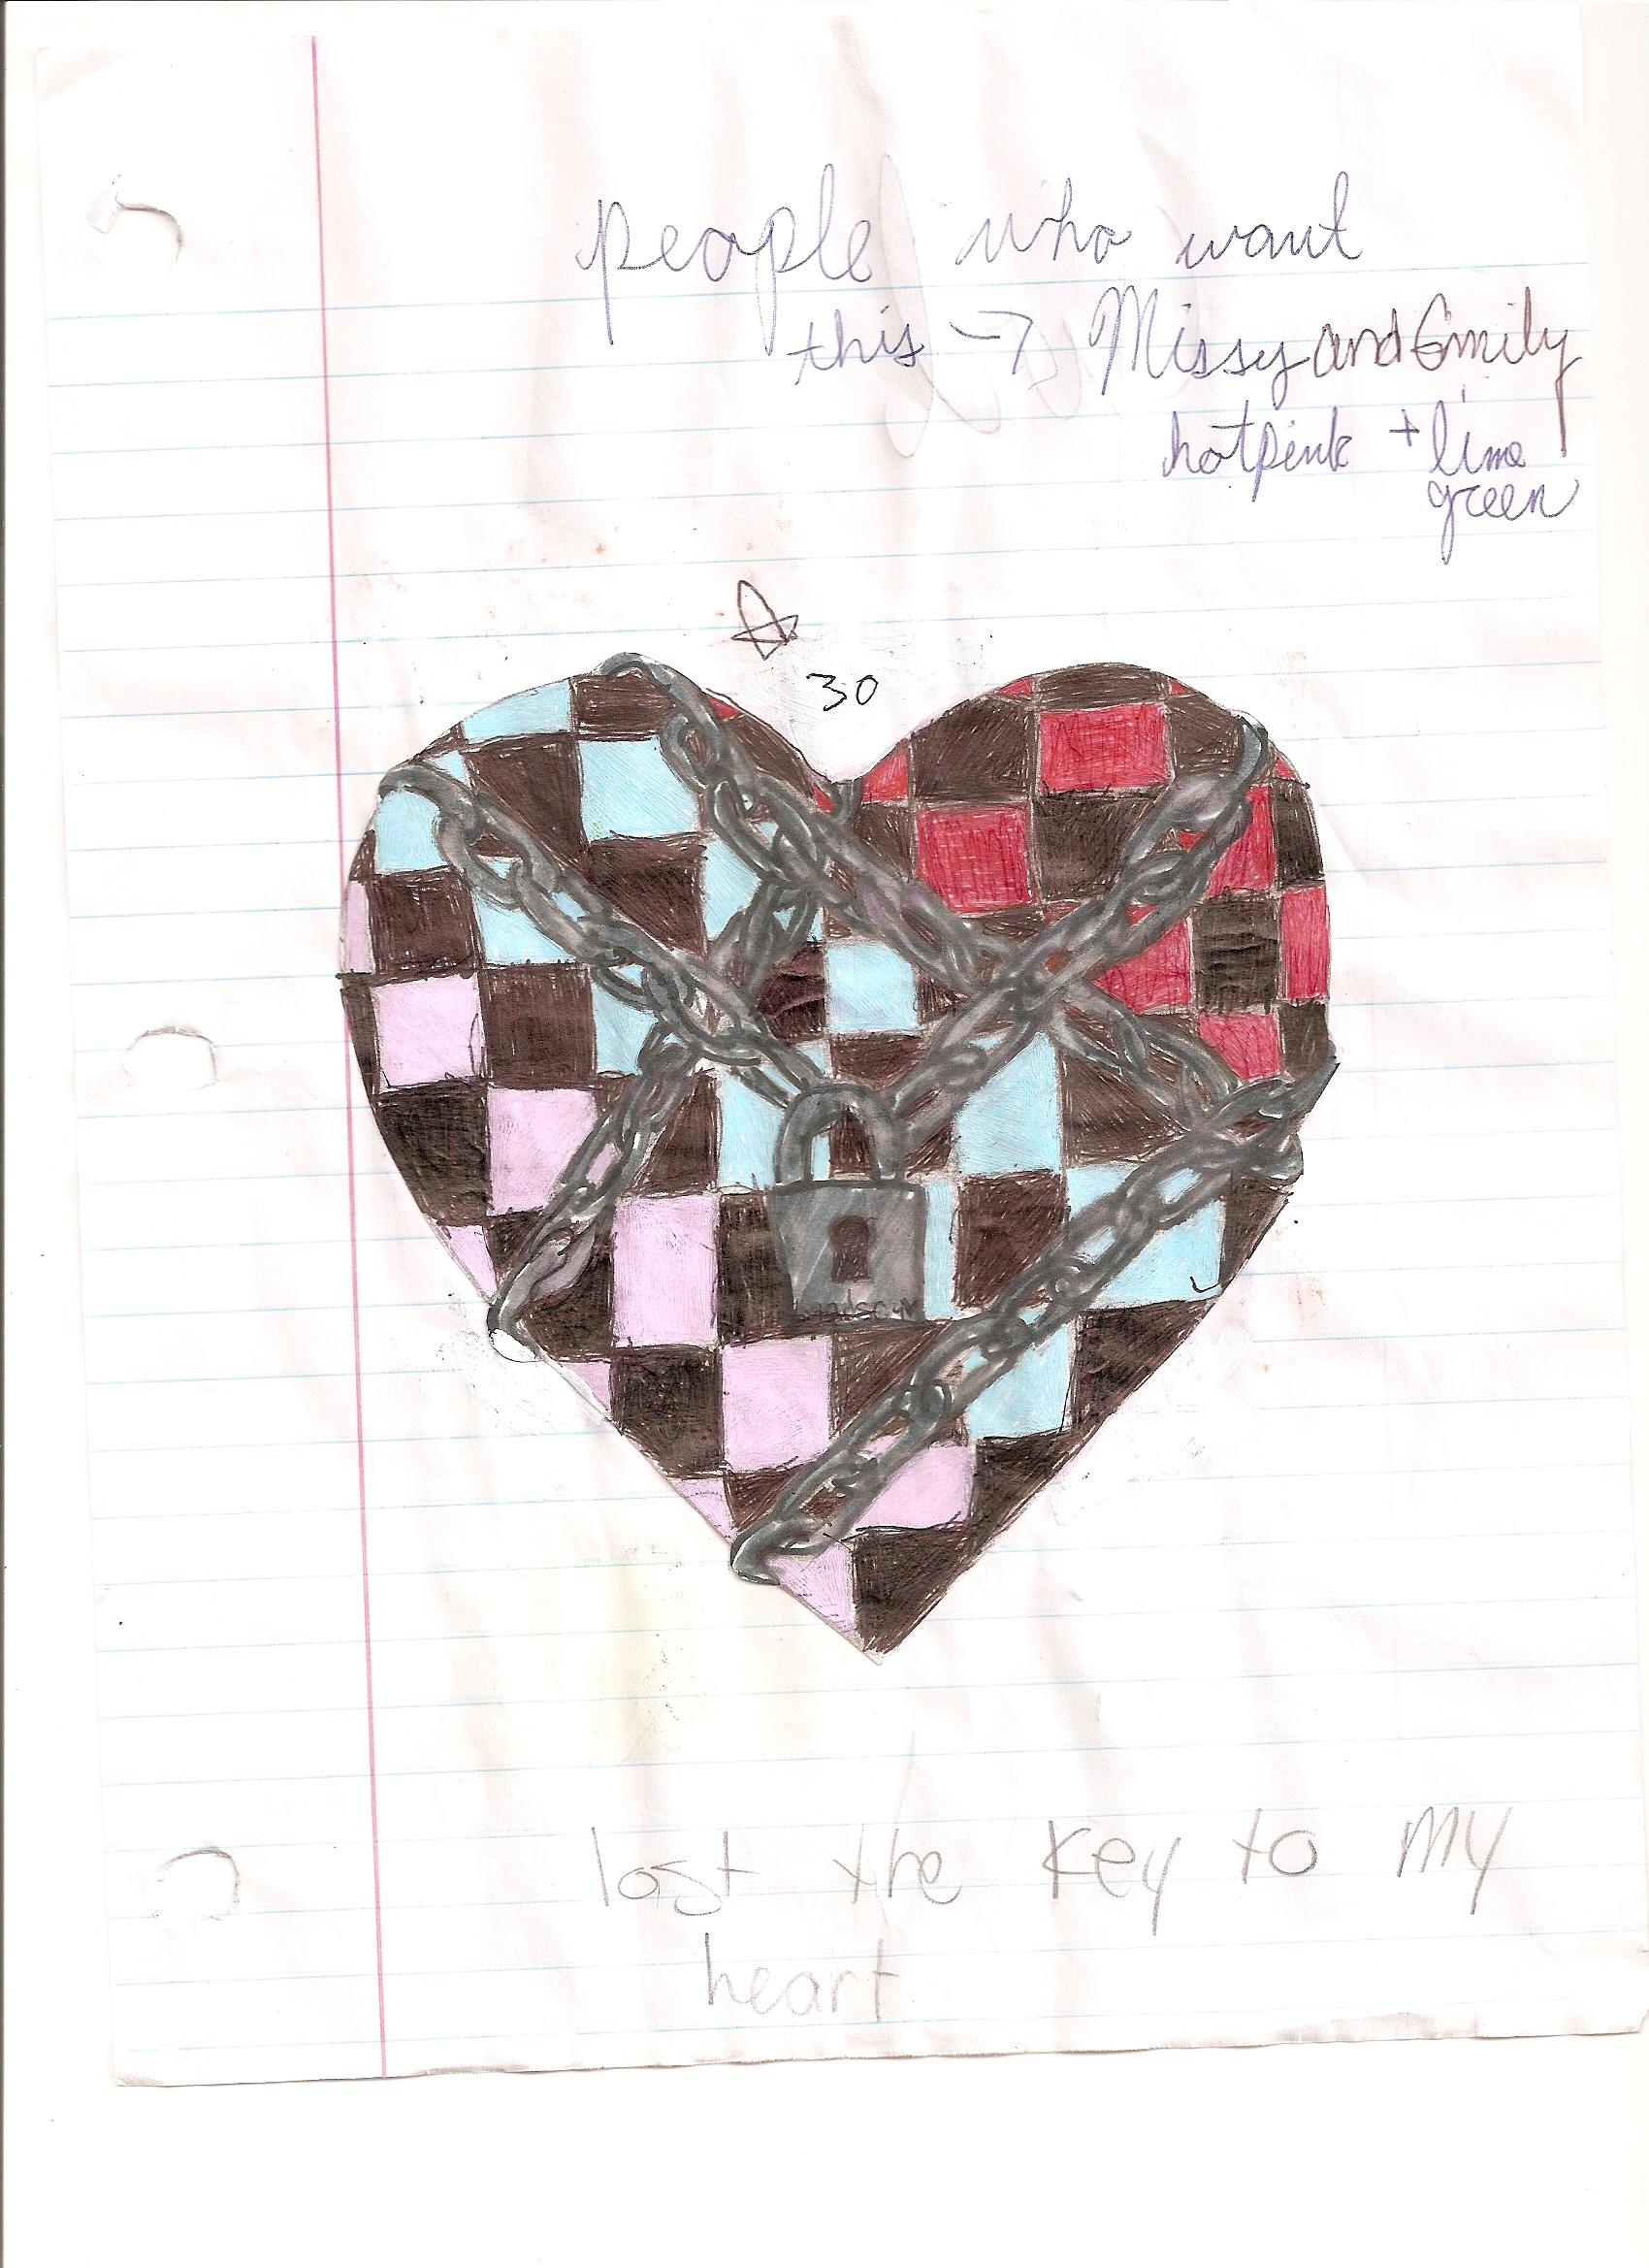 key to my heart.30